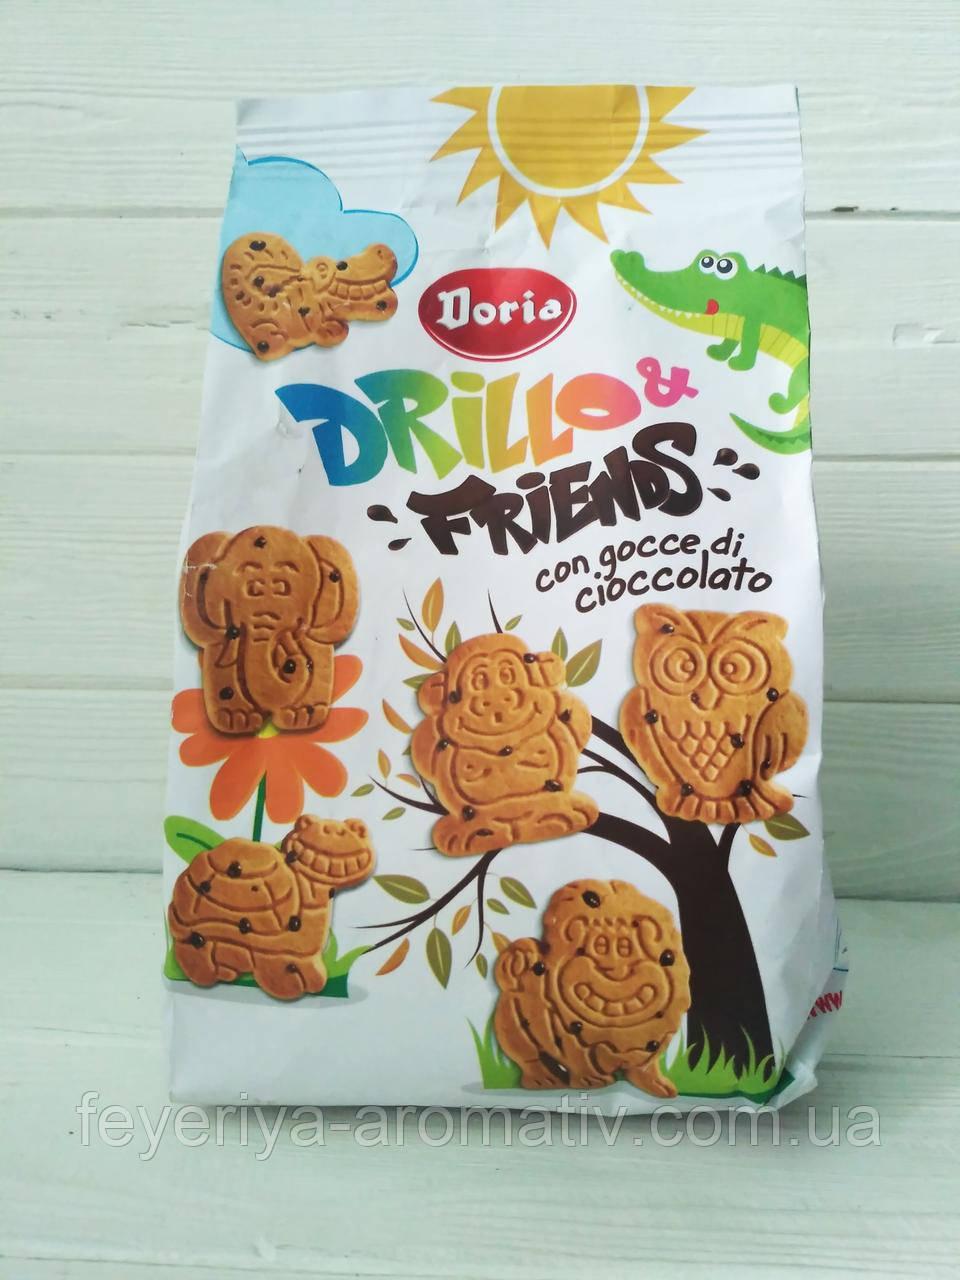 Печенье с шоколадной крошкой зоопарк Doria Drillo & Friennds 350гр (Италия)